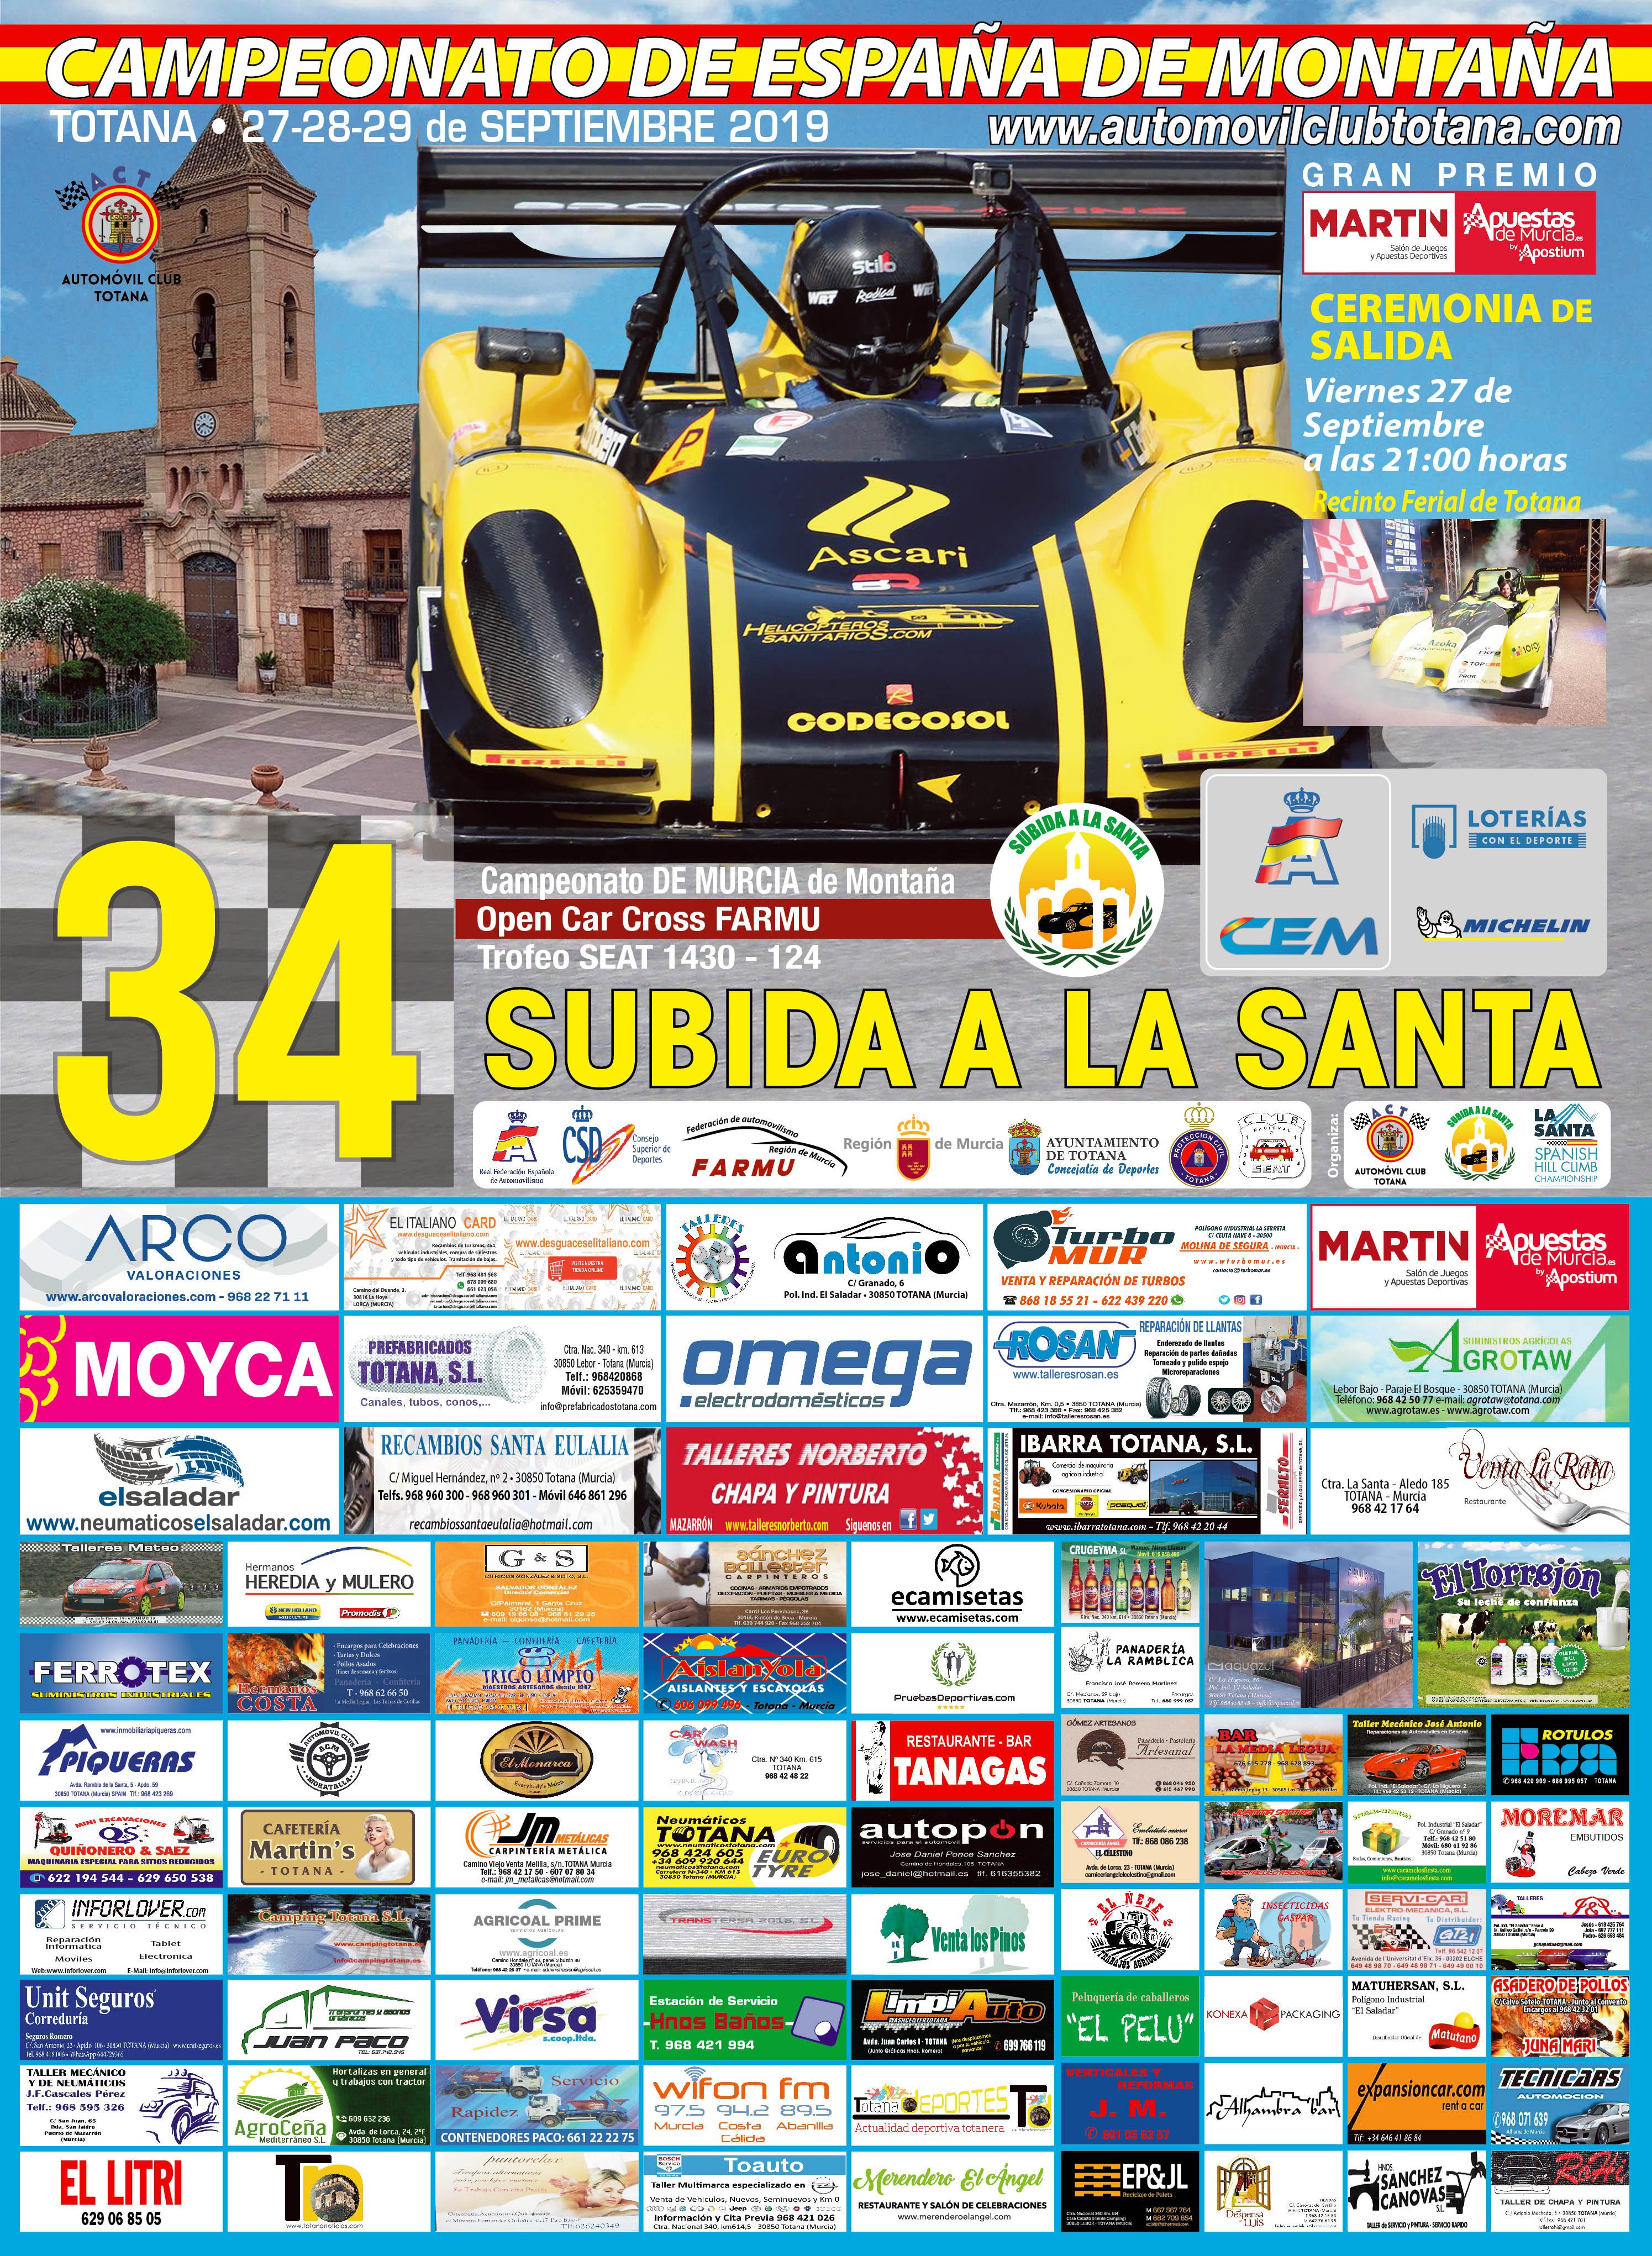 Campeonatos de Montaña Nacionales e Internacionales (FIA European Hillclimb, Berg Cup, MSA British Hillclimb, CIVM...) - Página 31 Cartel